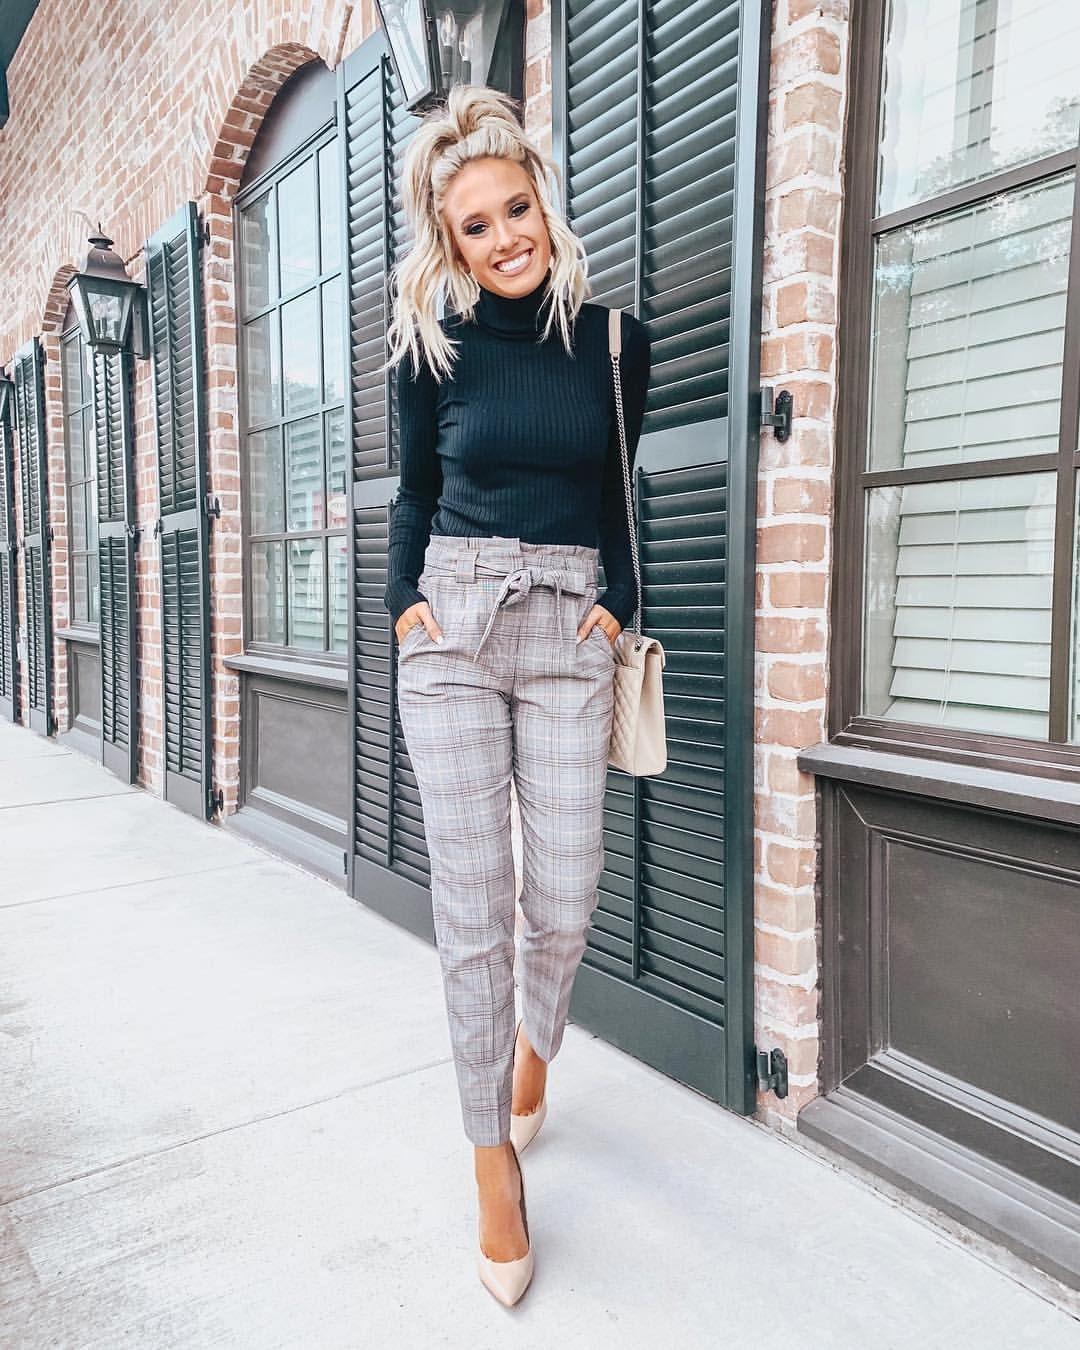 Pin On Business Kleidung Damen Herbst